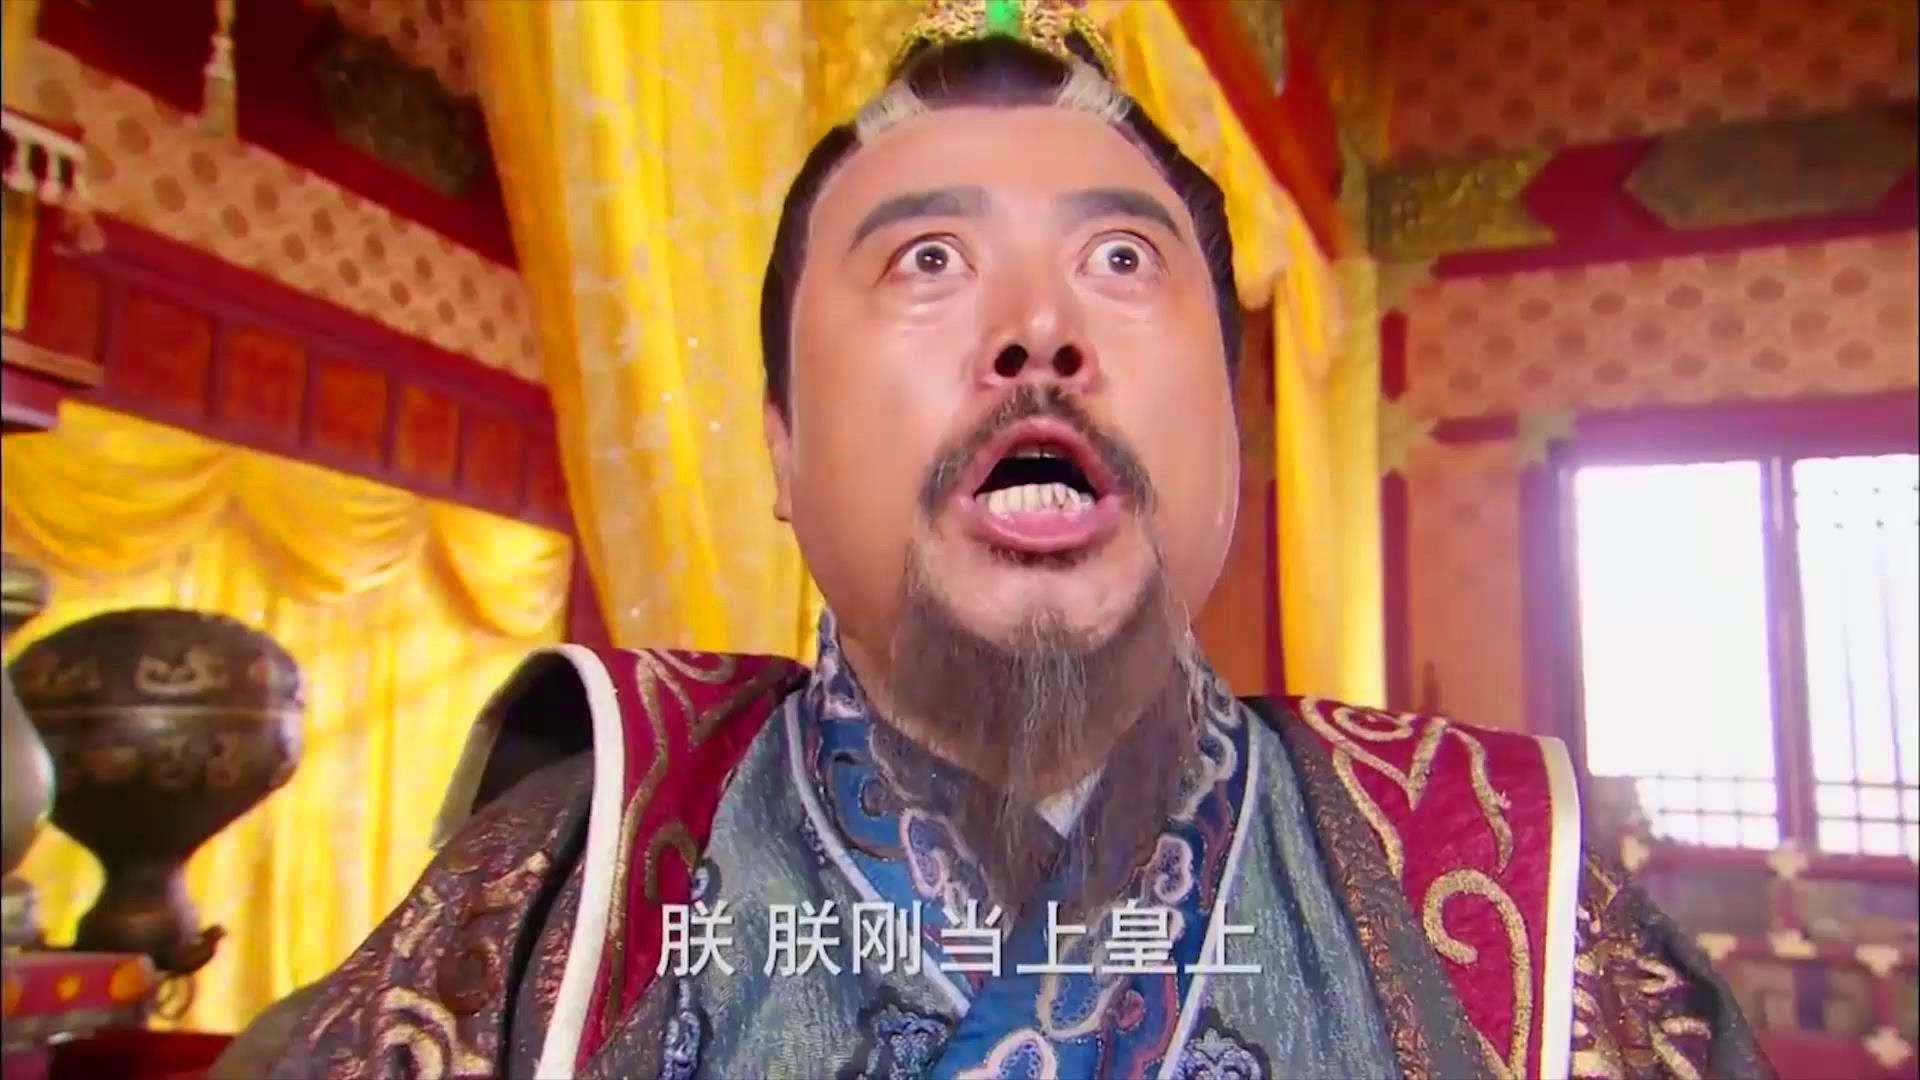 皇叔逼李世民退位,以为自己就要登基称帝,不料下秒就暴毙